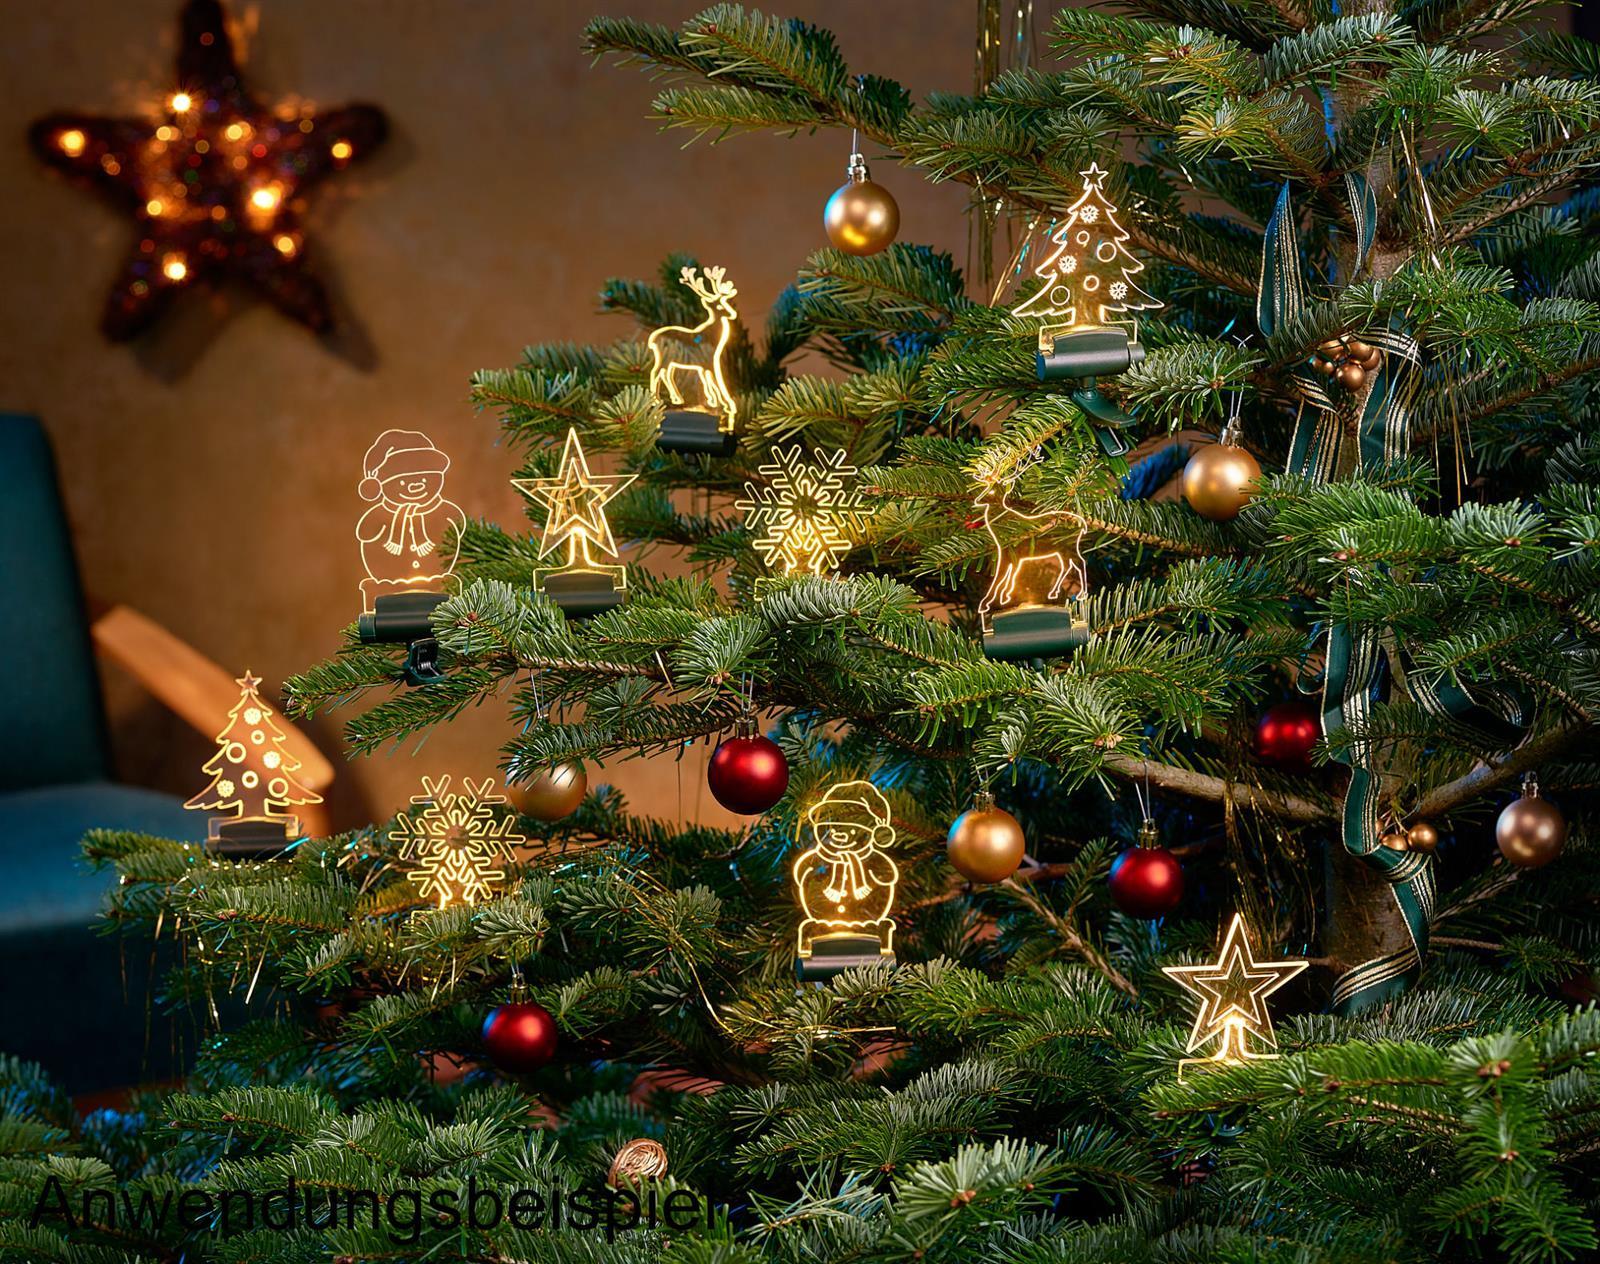 Acryl-Figuren Weihnachtsfiguren warm-weiß beleuchtet Weihnachtsbaum Deko Fenster